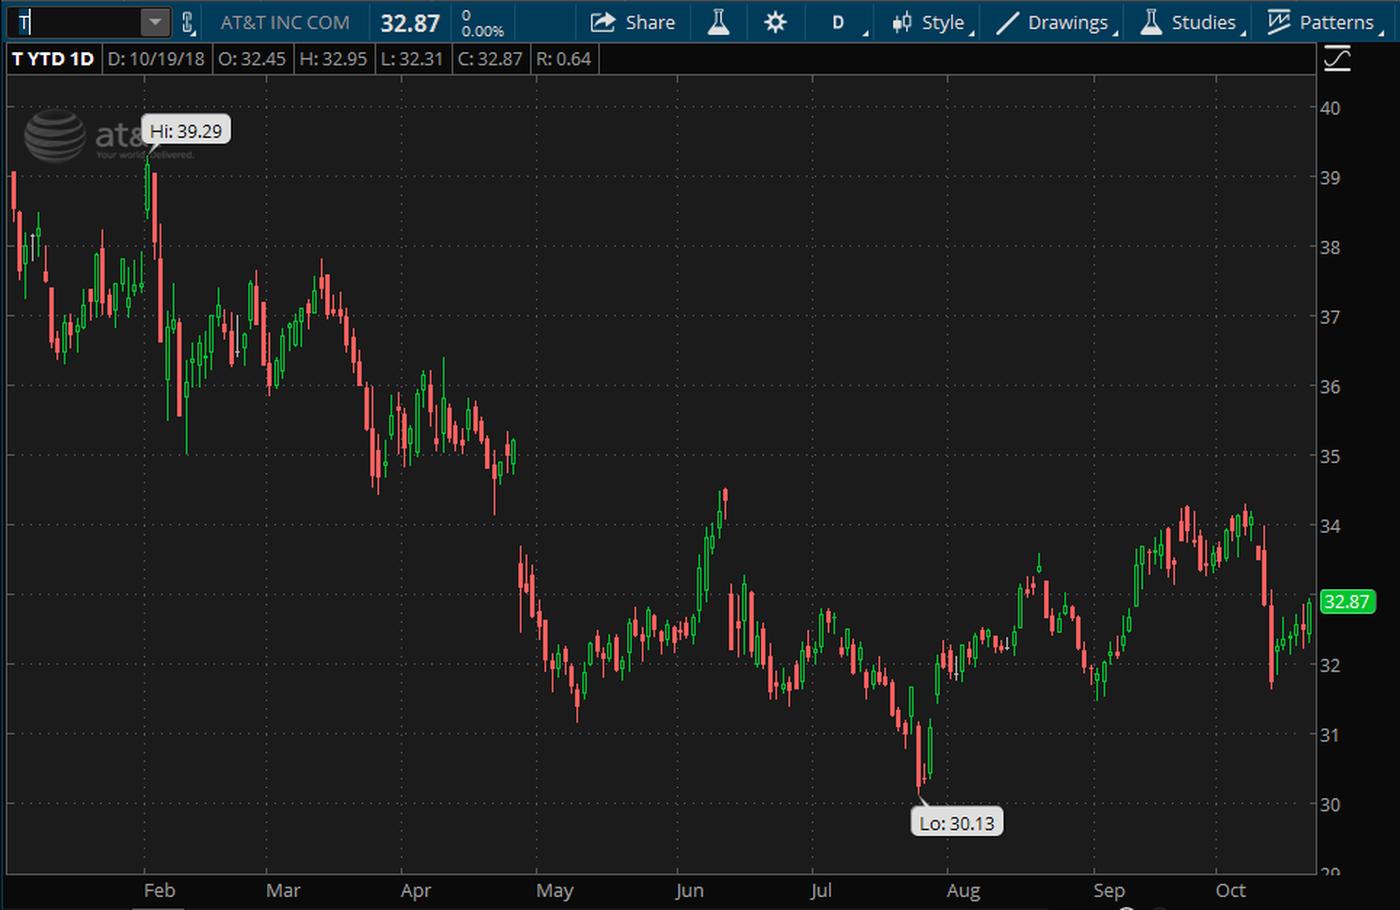 att-t-earnings-stock-eps-revenue-time-warner.png